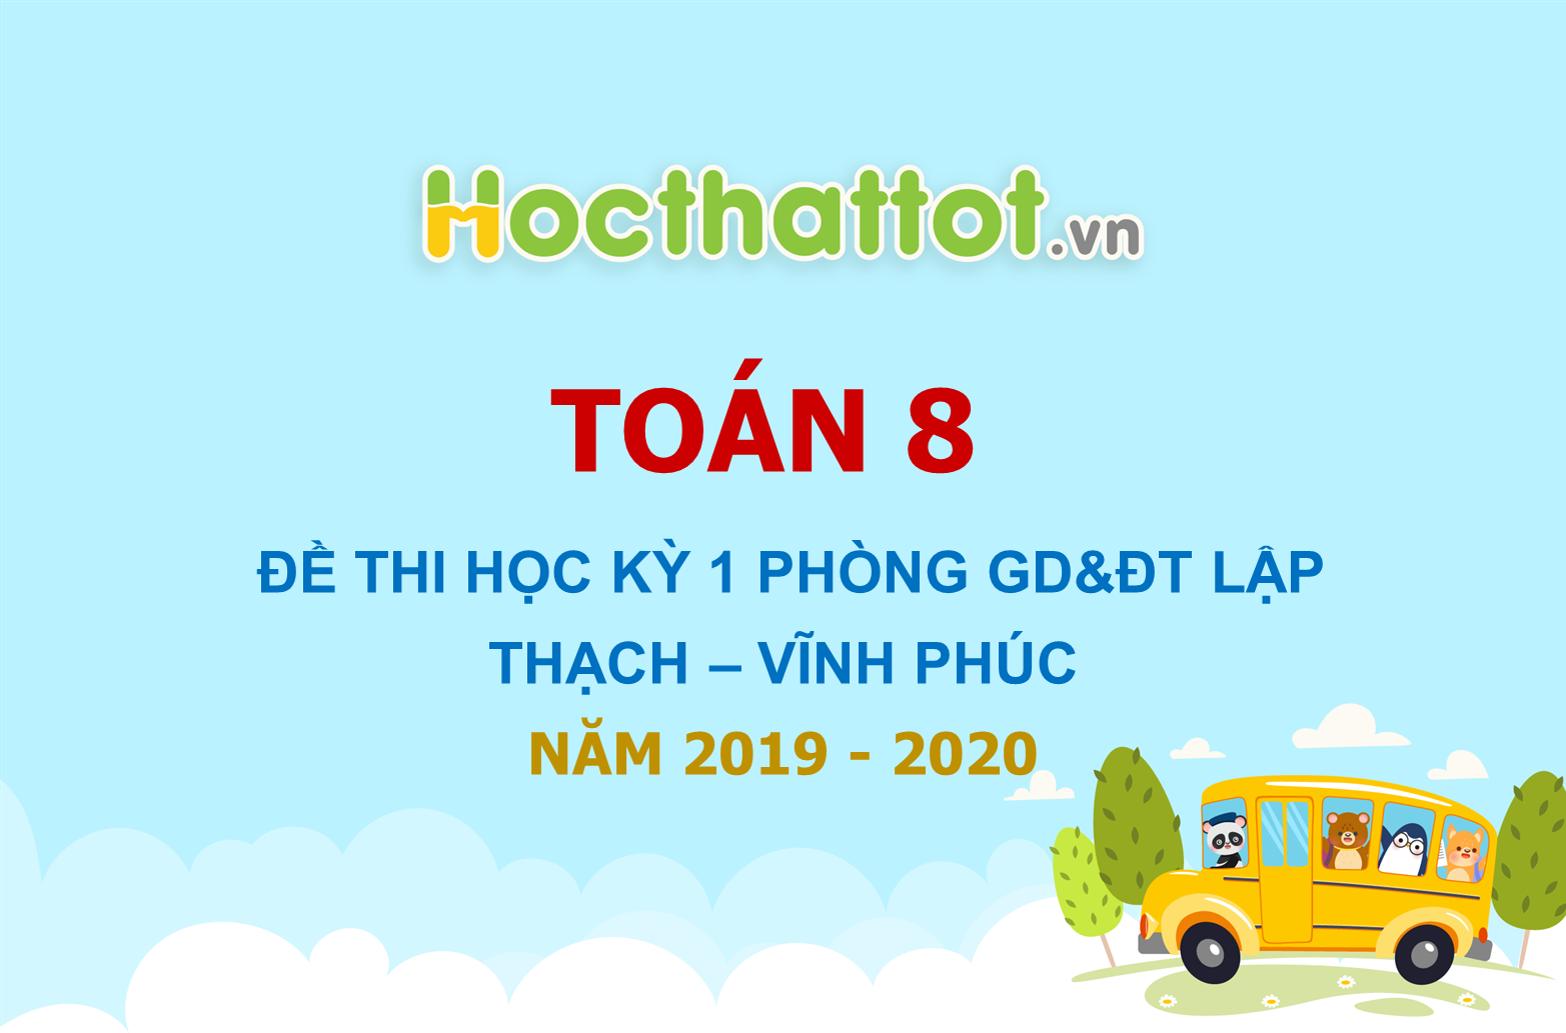 de-thi-hoc-ky-1-toan-8-nam-2019-2020-phong-gddt-lap-thach-vinh-phuc